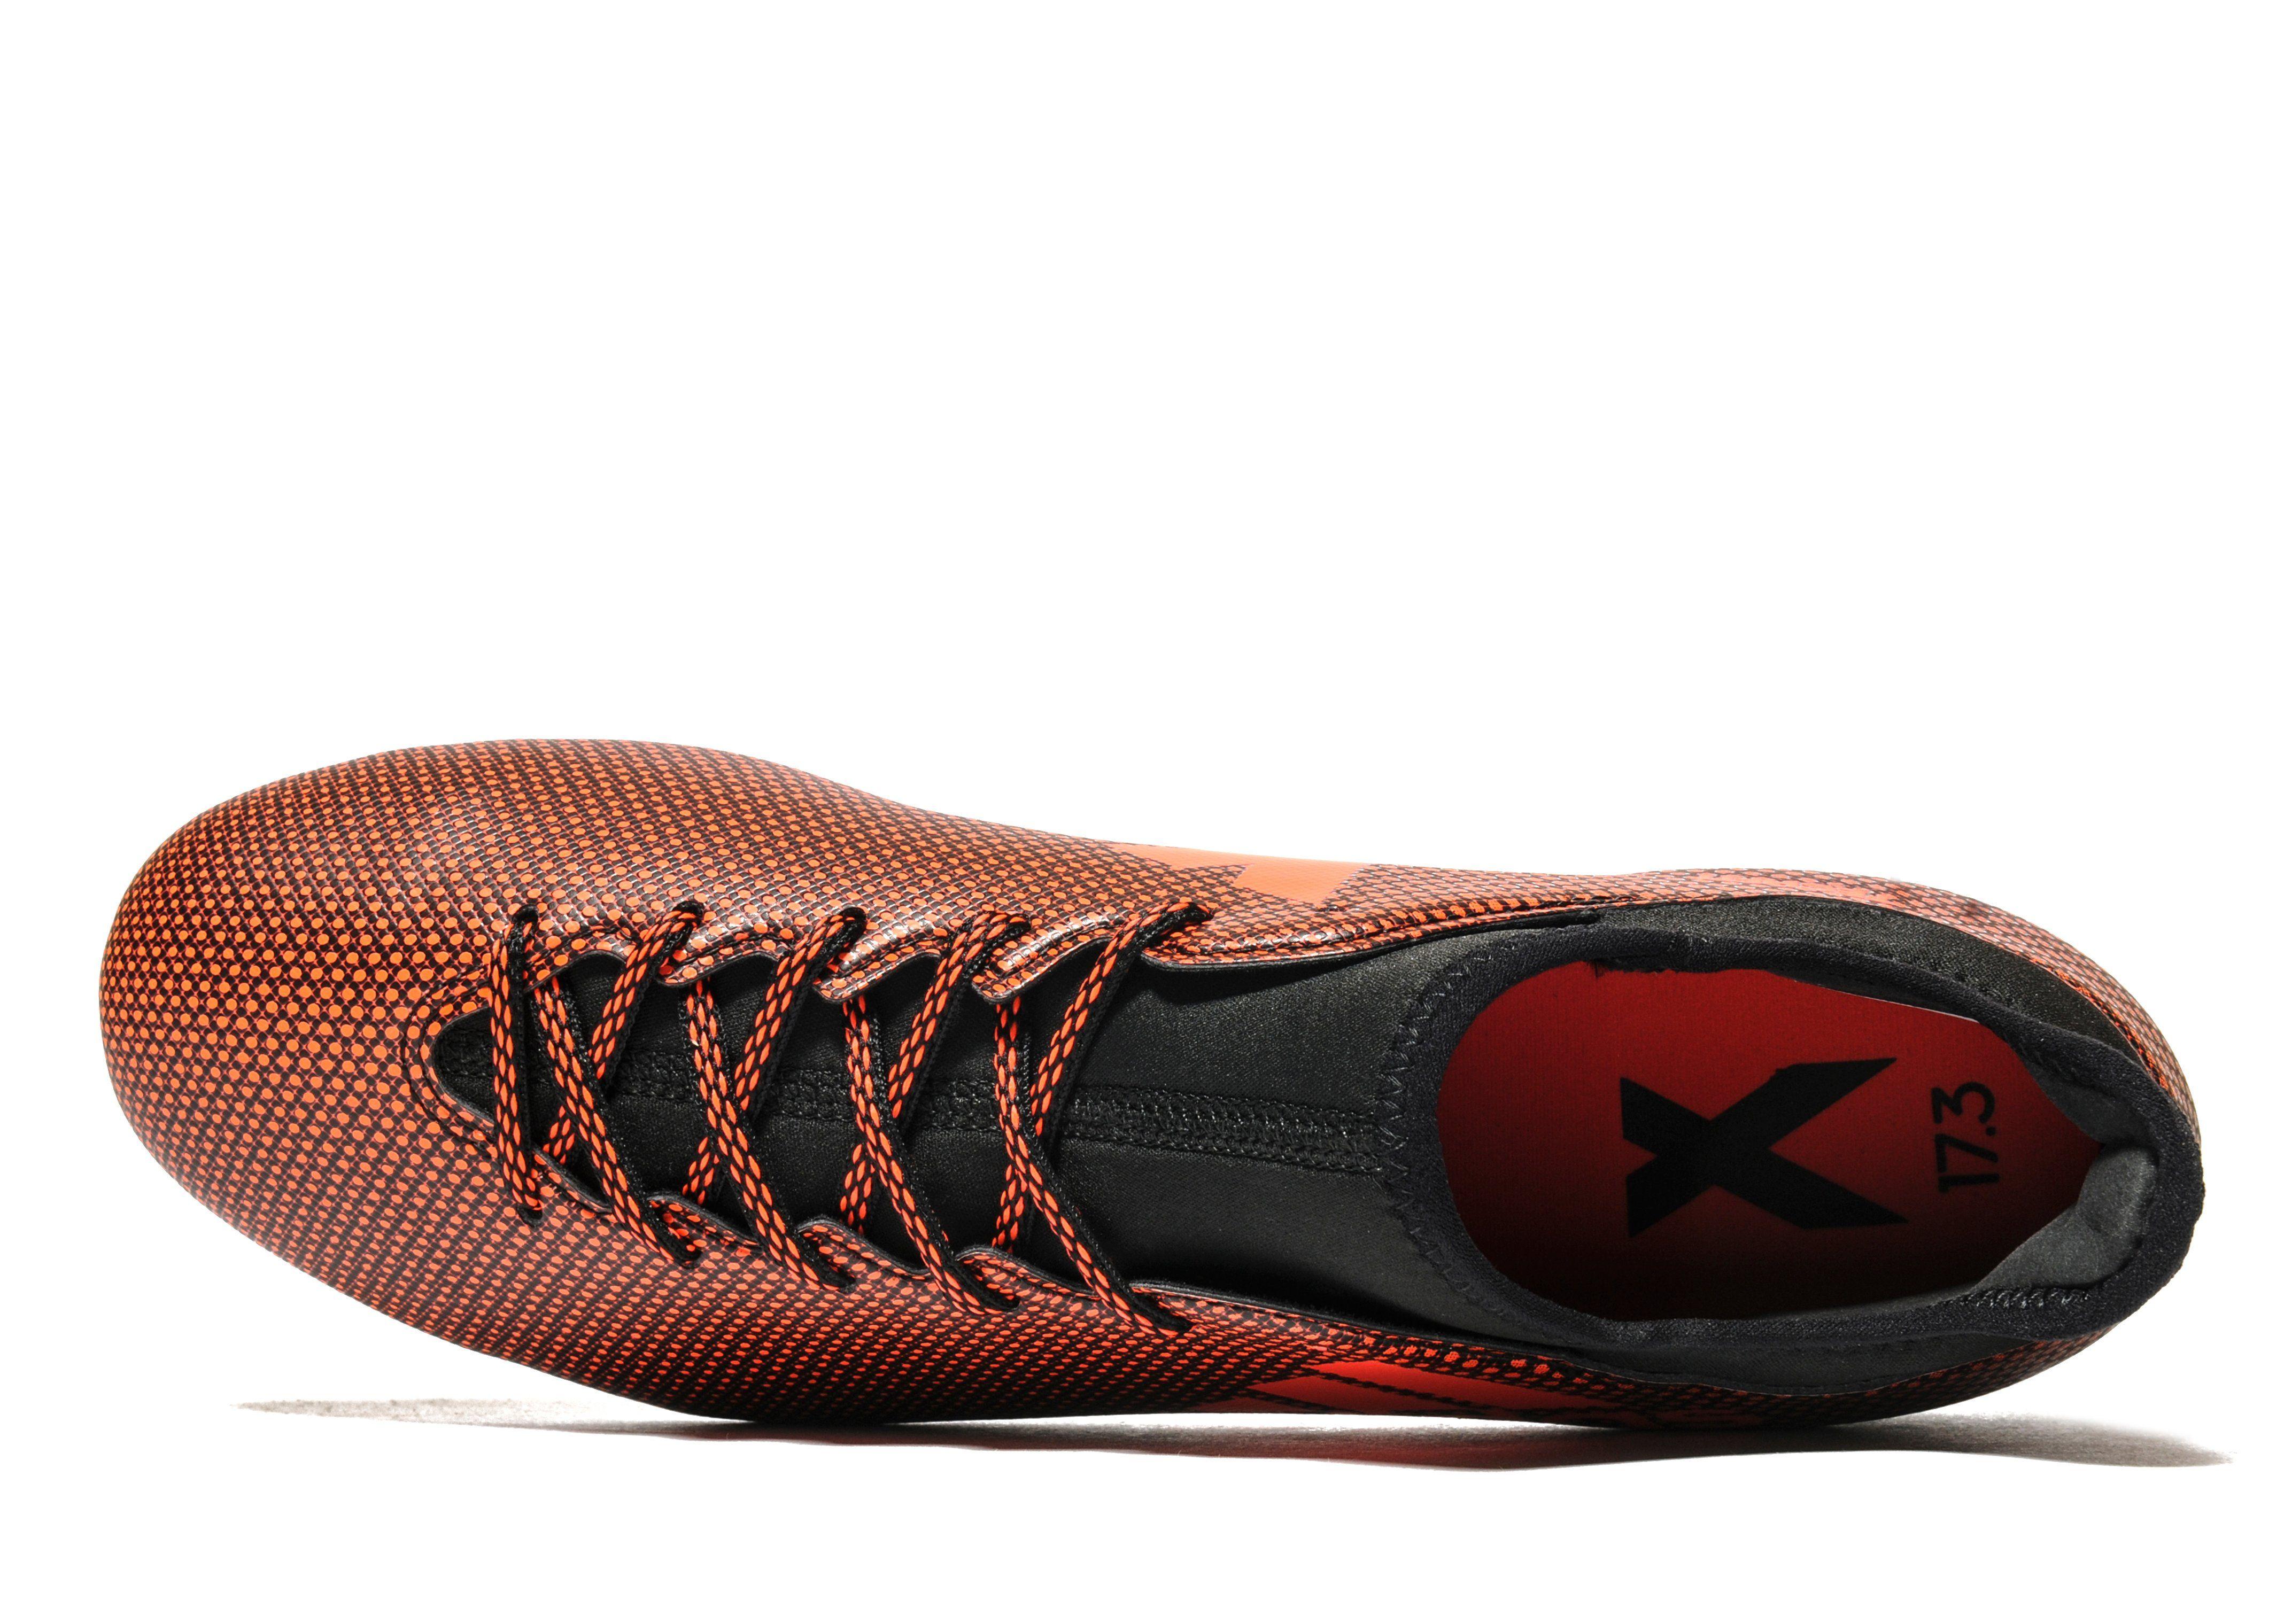 adidas Pyro Storm X 17.3 FG